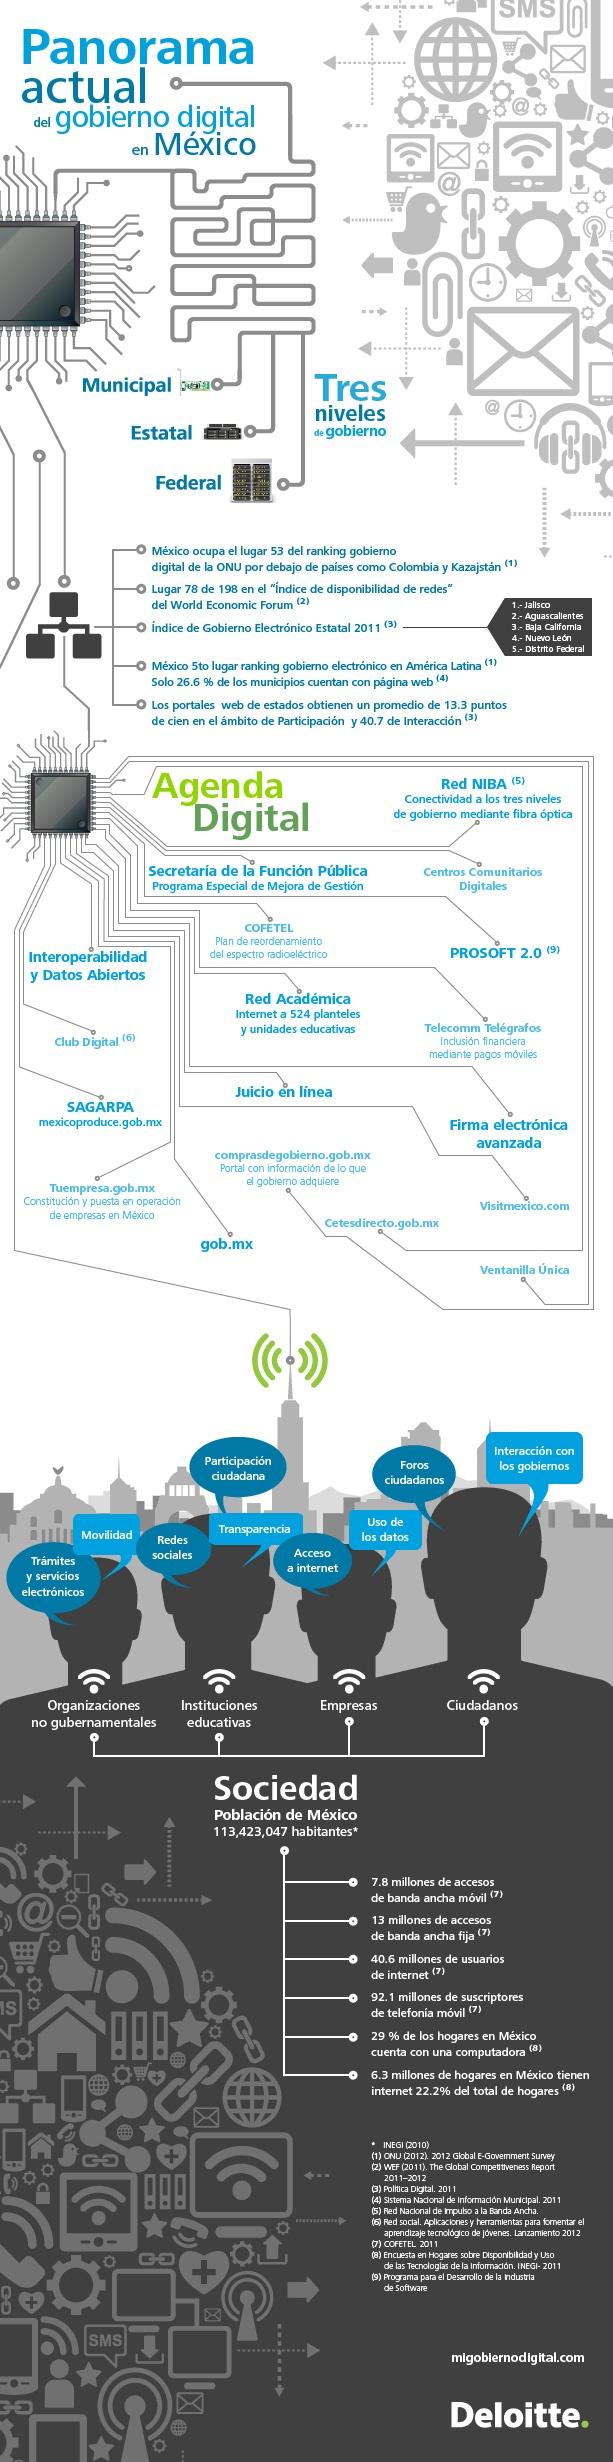 Panorama actual del gobierno digital en México (2012)